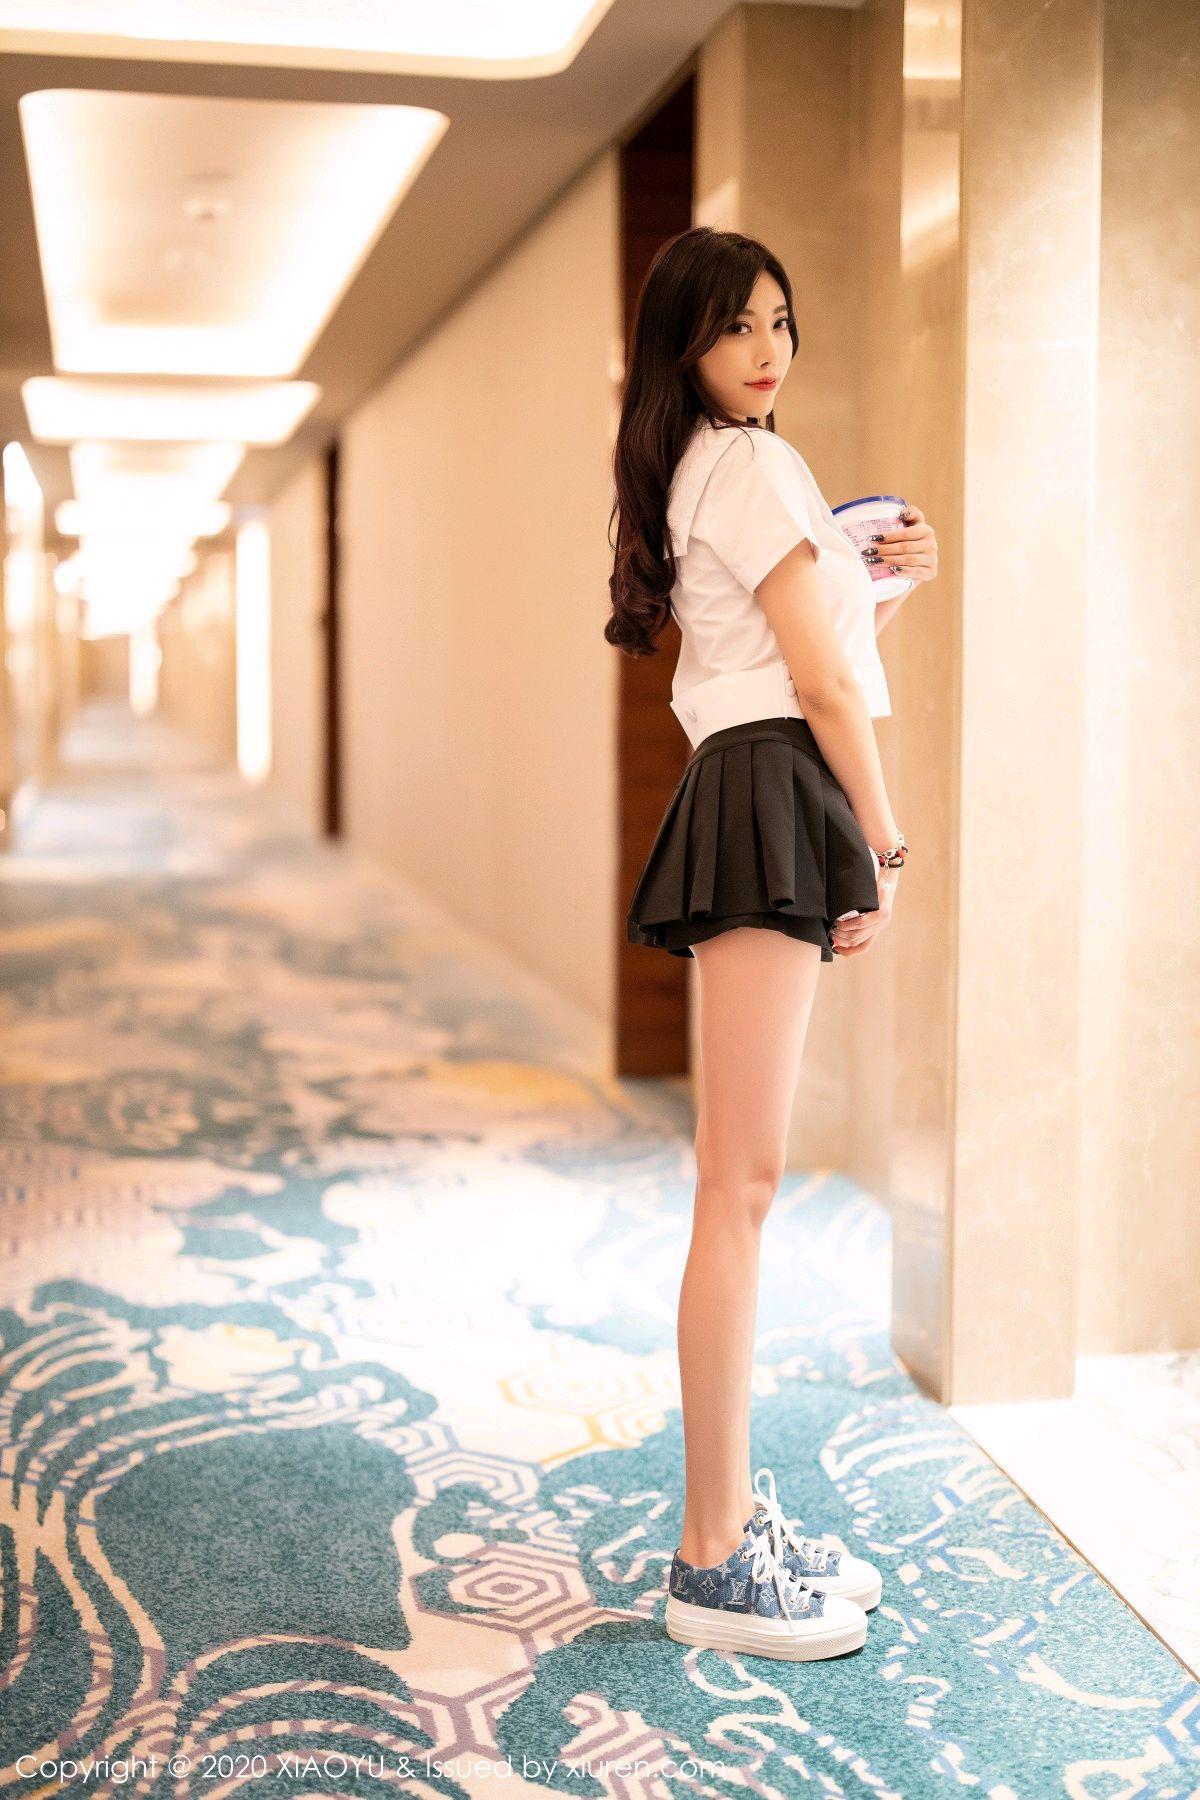 [XIAOYU] Vol.305 Yang Chen Chen 1P, Sexy, Underwear, Uniform, XiaoYu, Yang Chen Chen